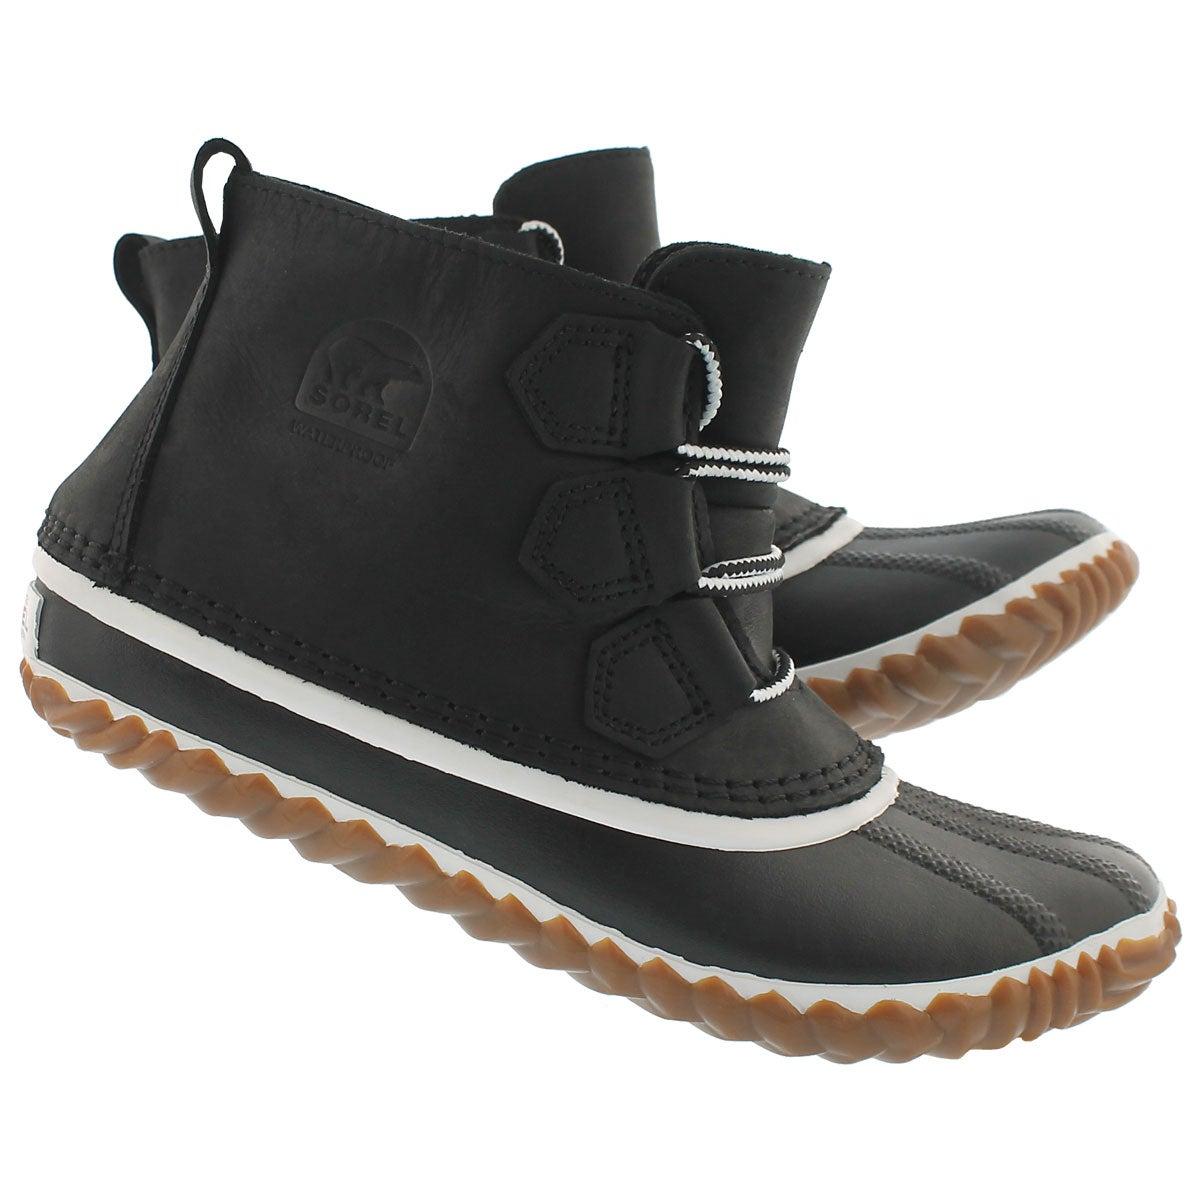 Botte déc Out'N About Leather, noir, fem